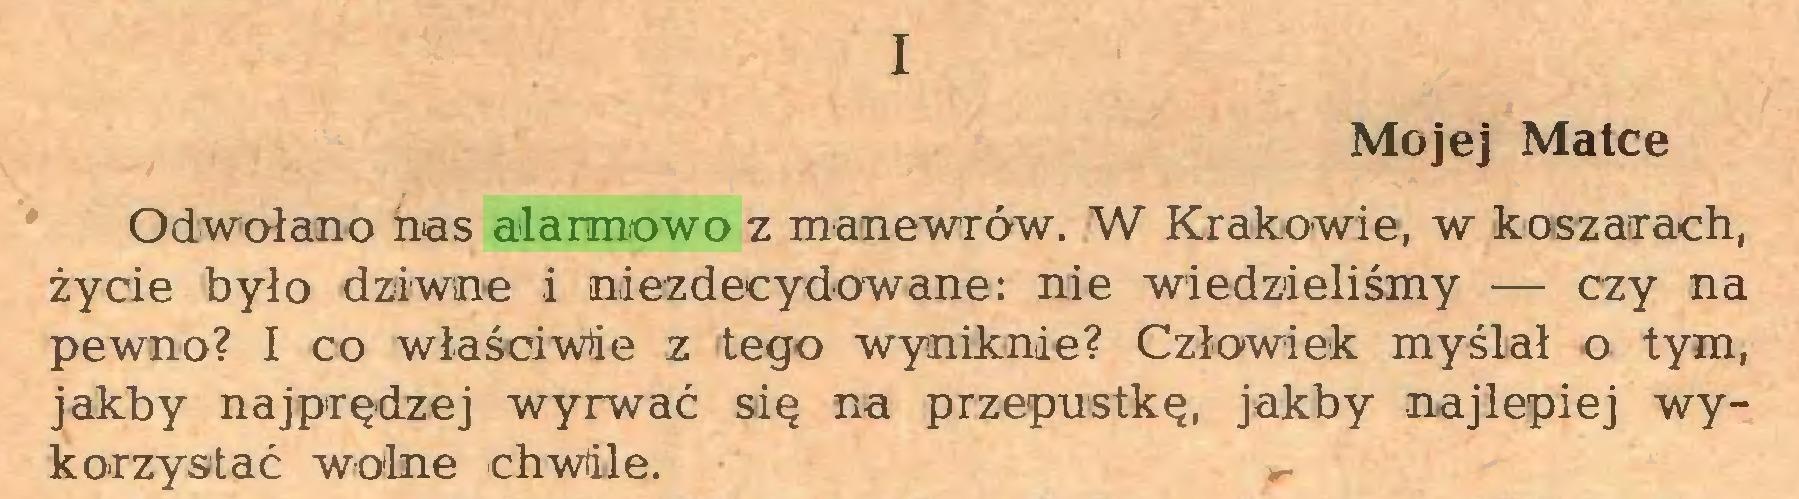 (...) I Mojej Matce Odwołano nas alarmowo z manewrów. W Krakowie, w koszarach, życie było dziwne i niezdecydowane: nie wiedzieliśmy — czy na pewno? I co właściwie z tego wyniknie? Człowiek myślał o tym, jakby najprędzej wyrwać się na przepustkę, jakby najlepiej wykorzystać wolne chwile...